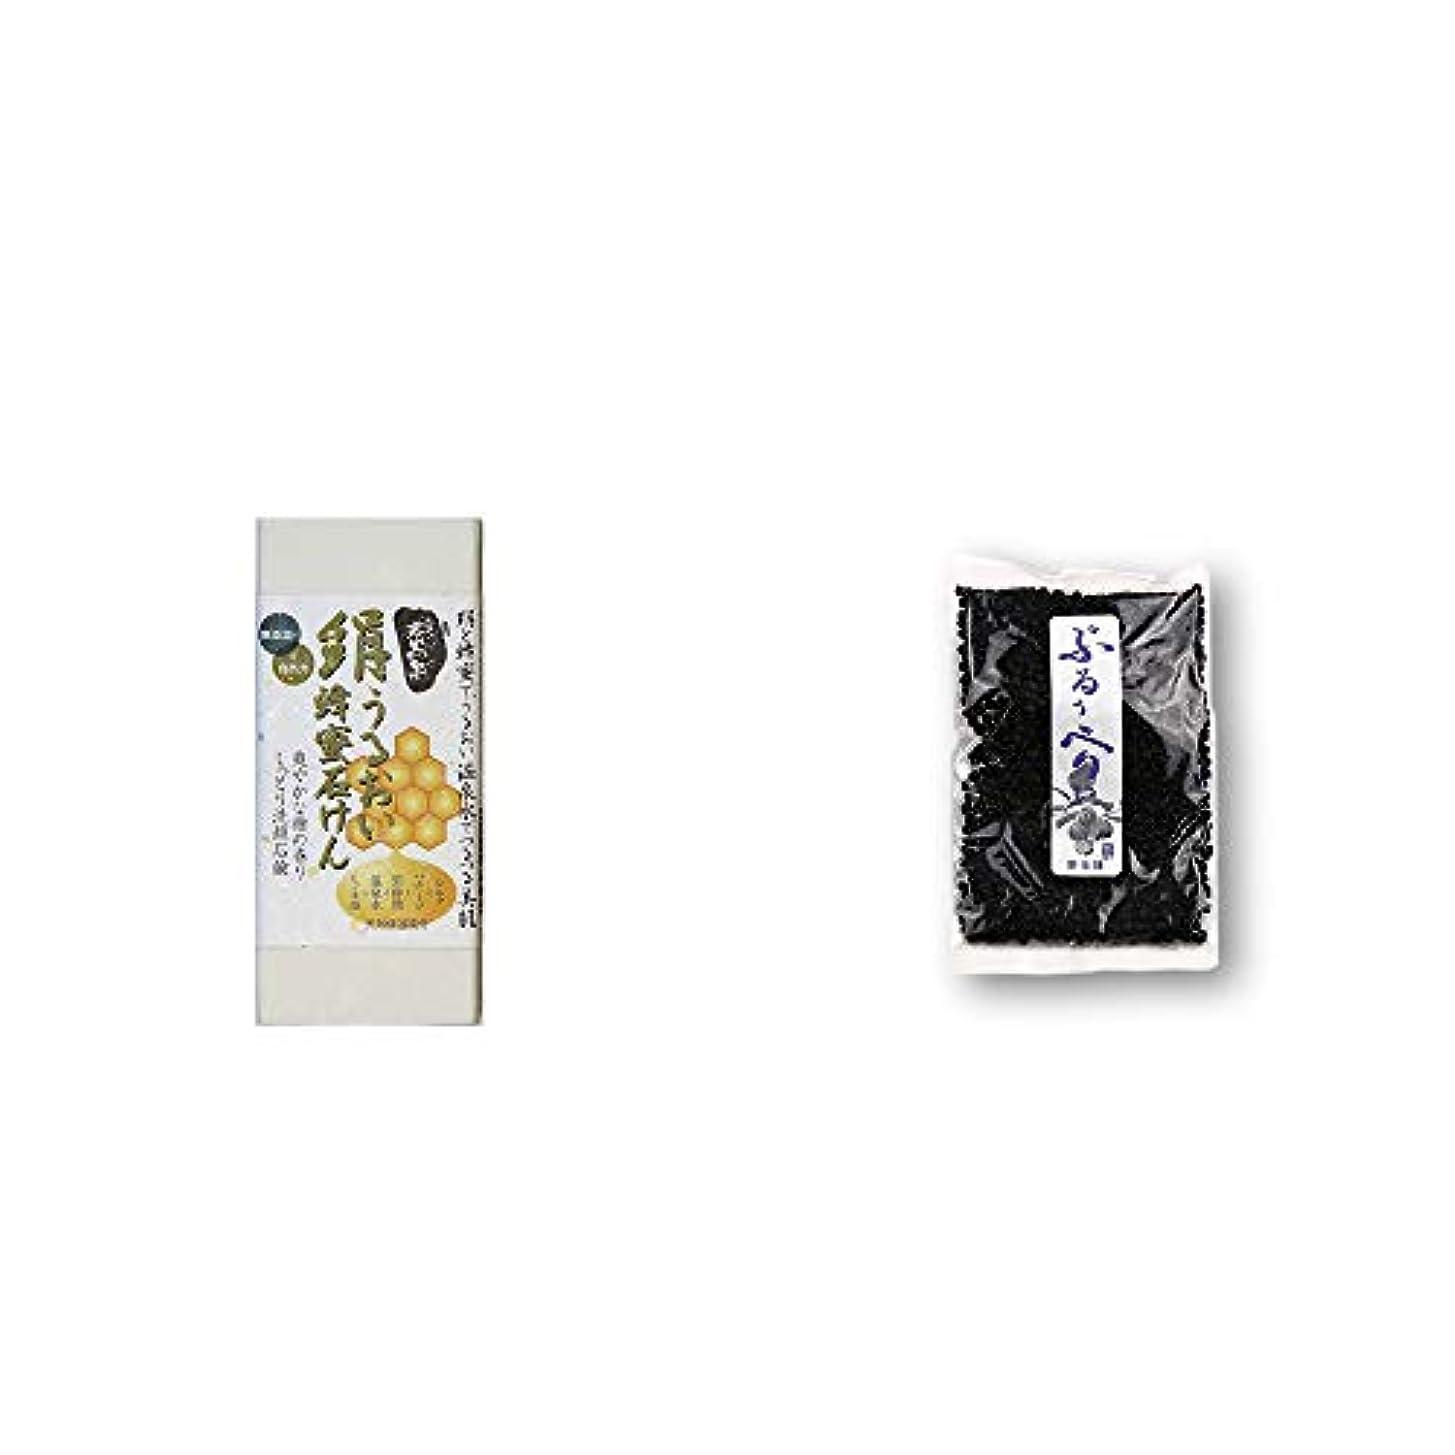 専制火薬密輸[2点セット] ひのき炭黒泉 絹うるおい蜂蜜石けん(75g×2)?野生種ぶるぅべりぃ(260g)